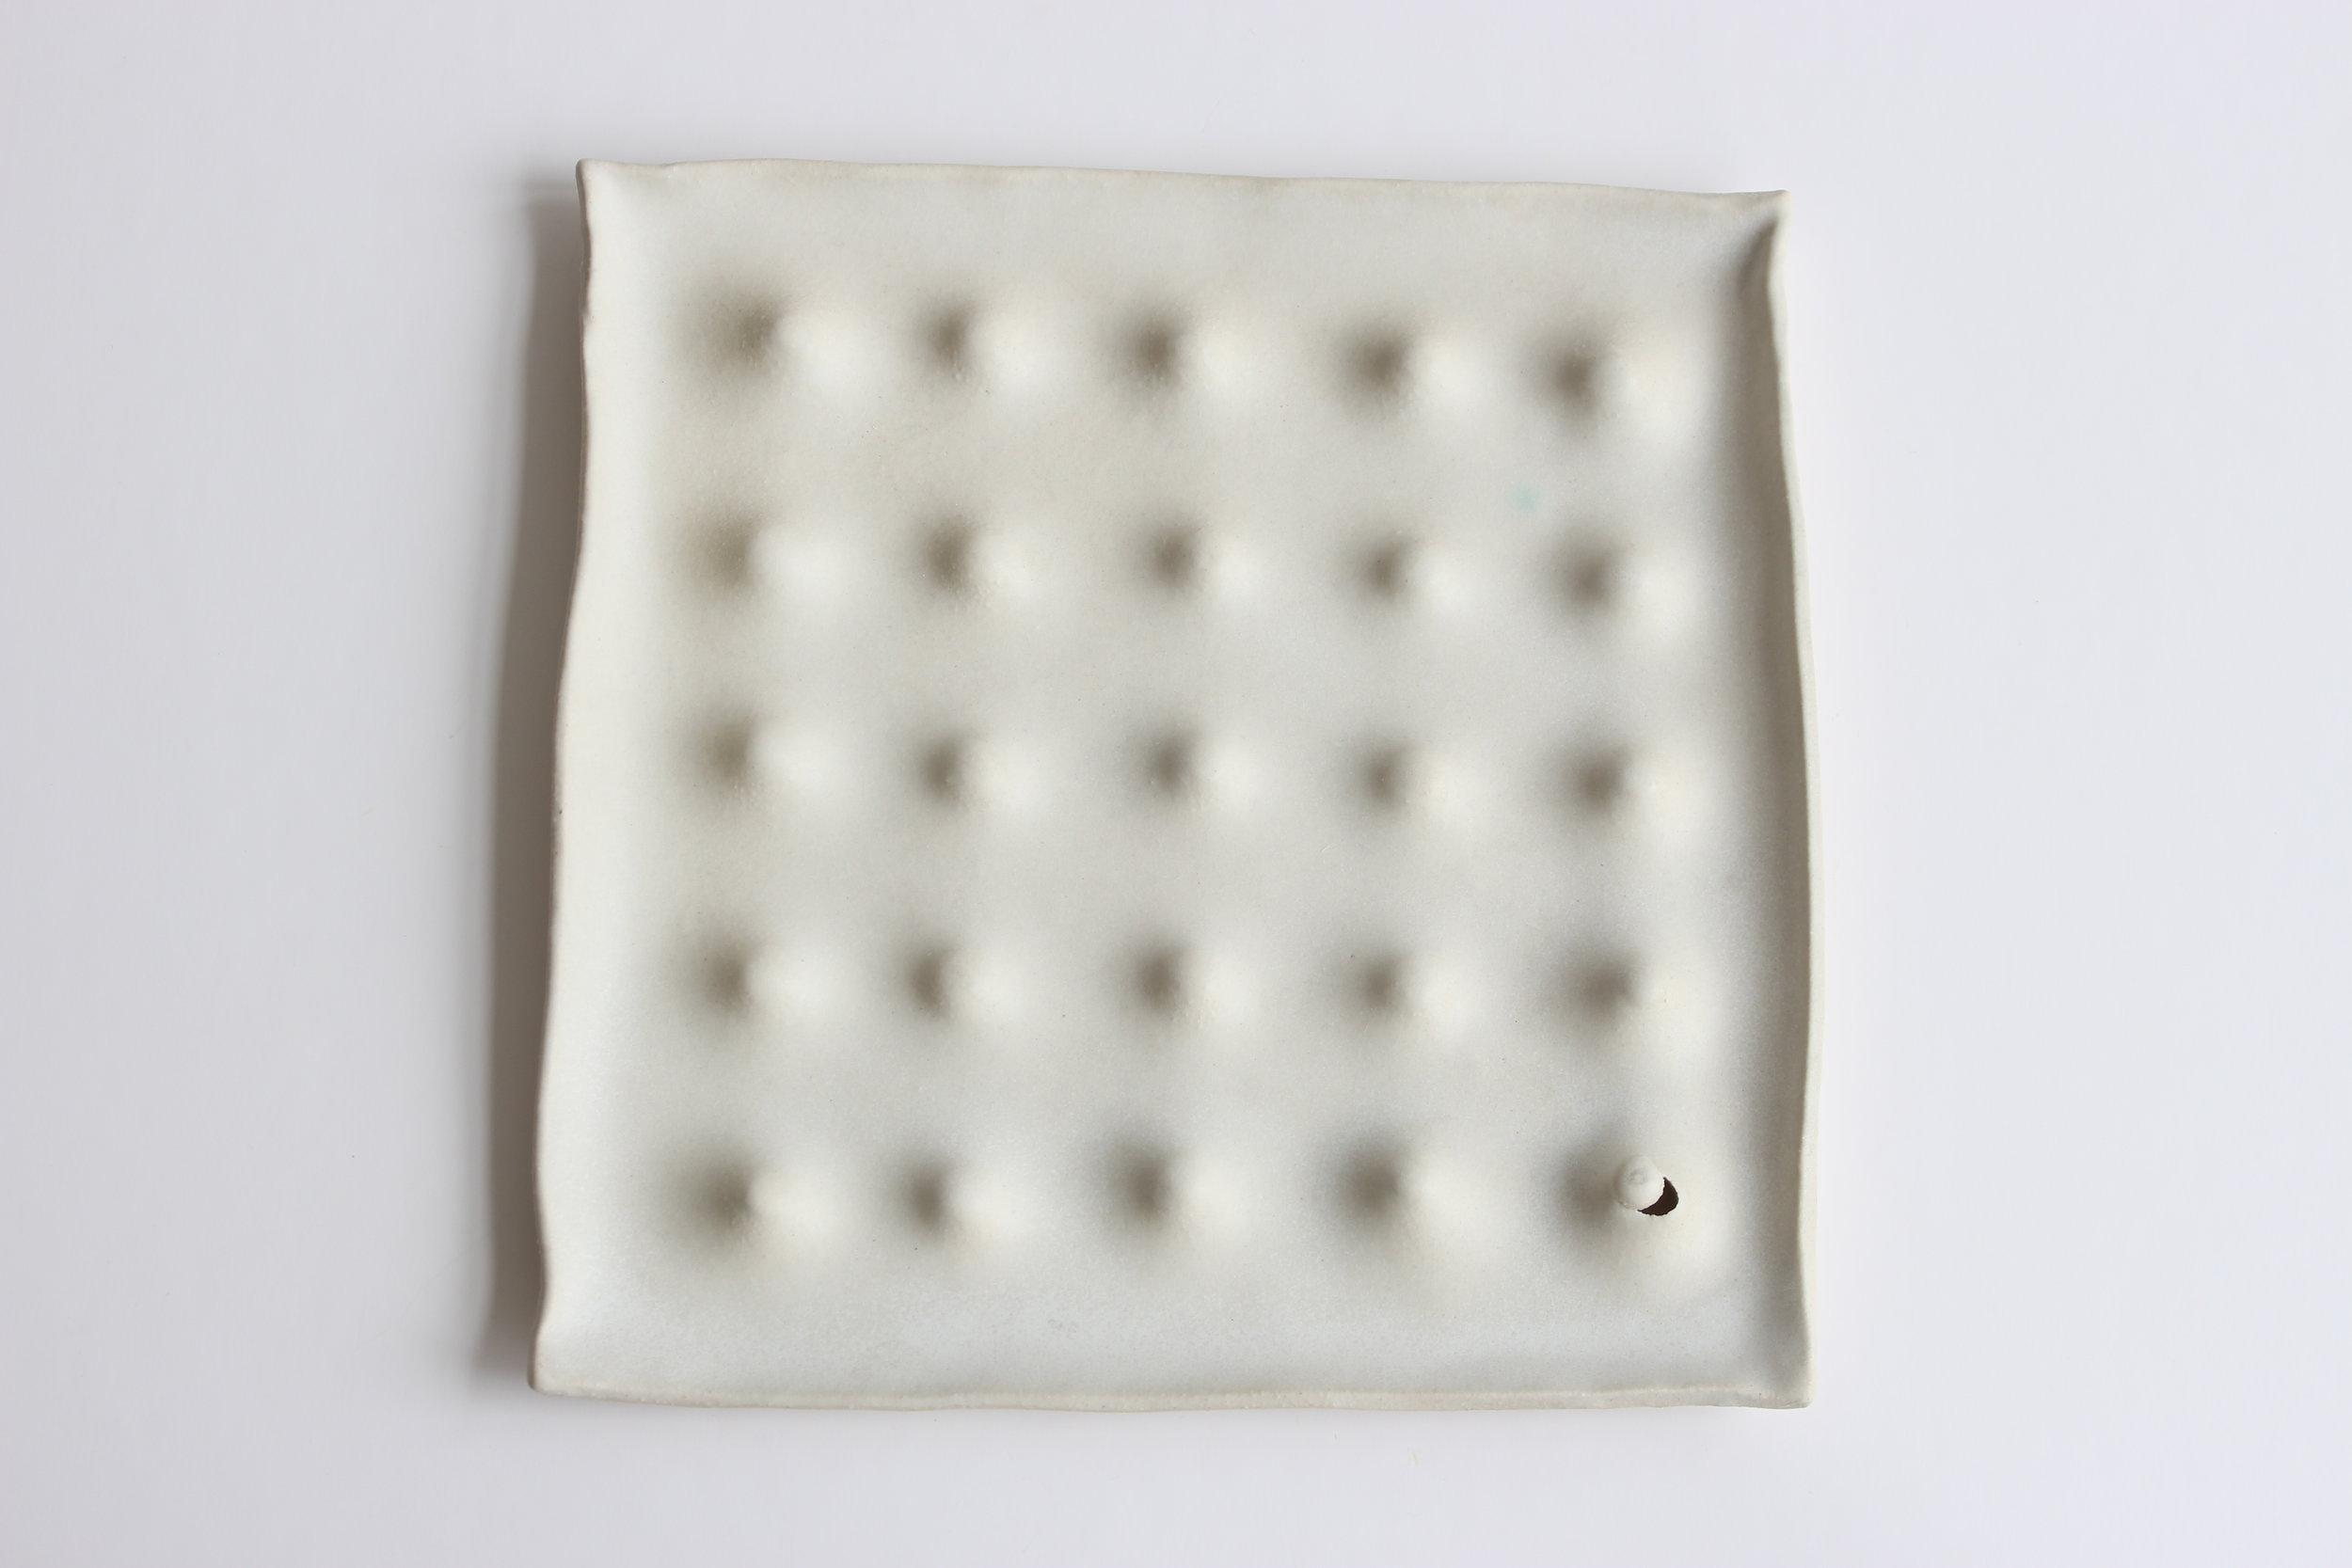 Square Grid Plate (top).JPG